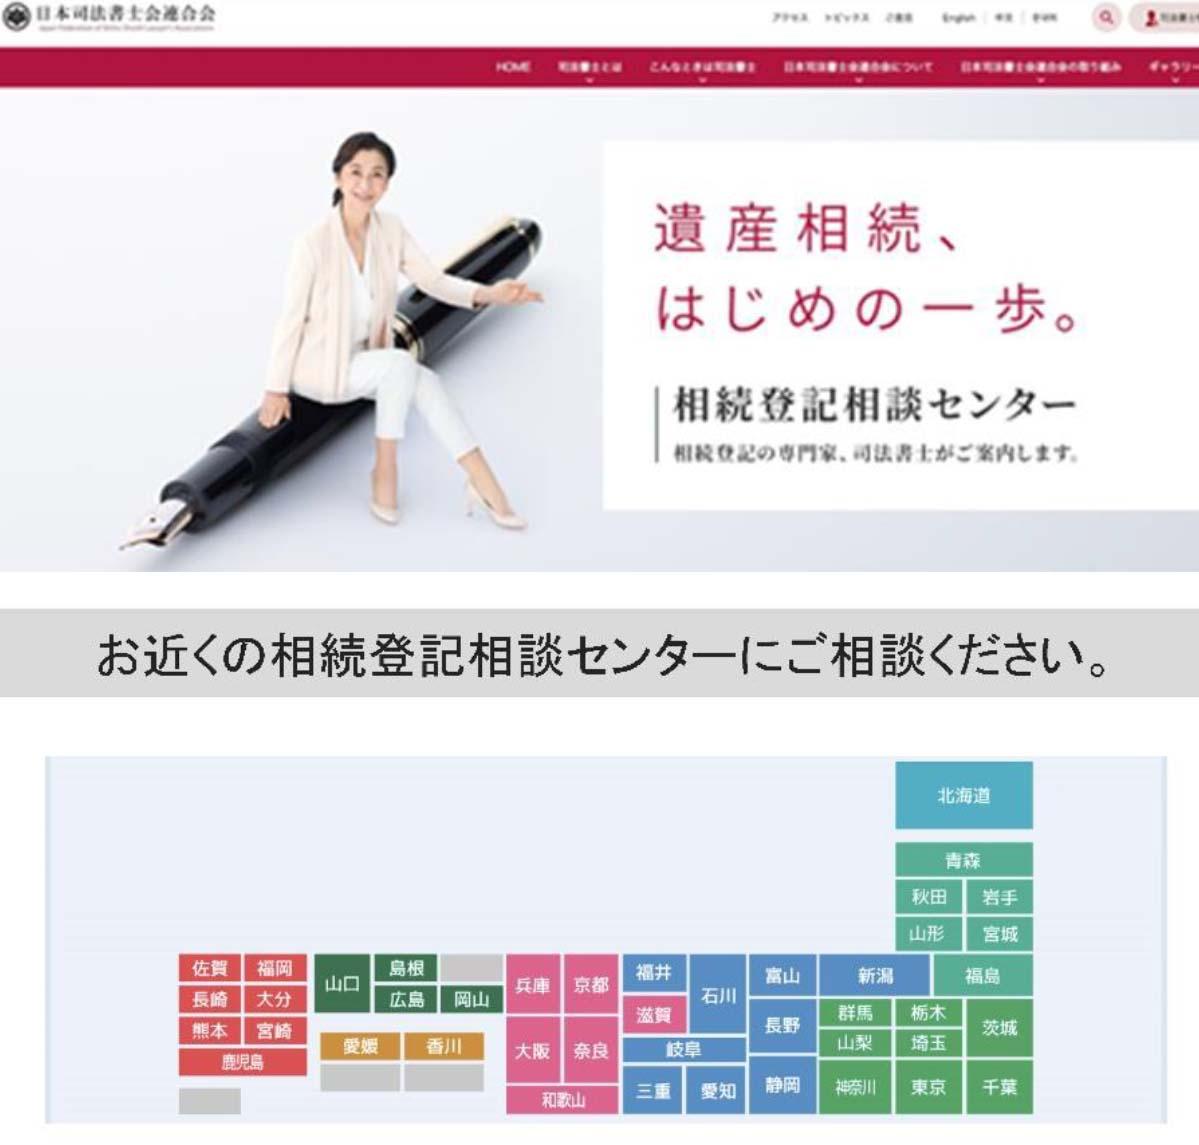 相続登記義務化へ、司法書士会が「相続登記相談センター」開設ー日本司法書士会連合会